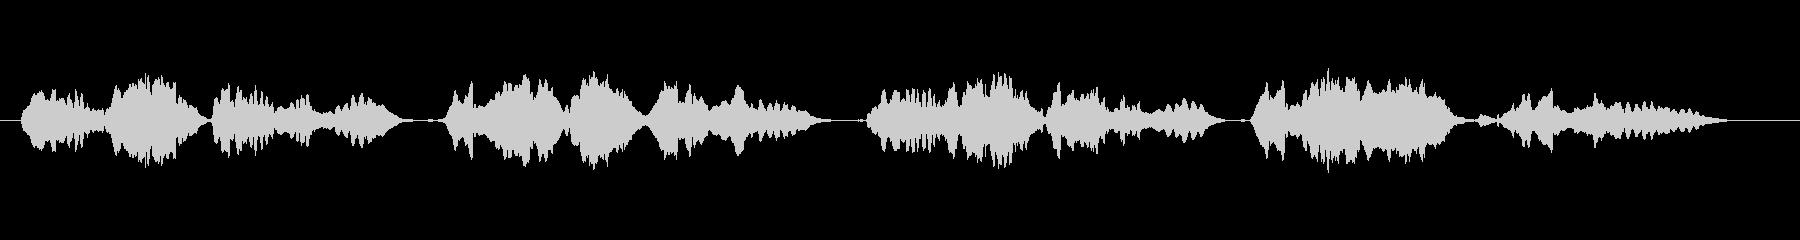 童謡「赤とんぼ」のフルート独奏の未再生の波形